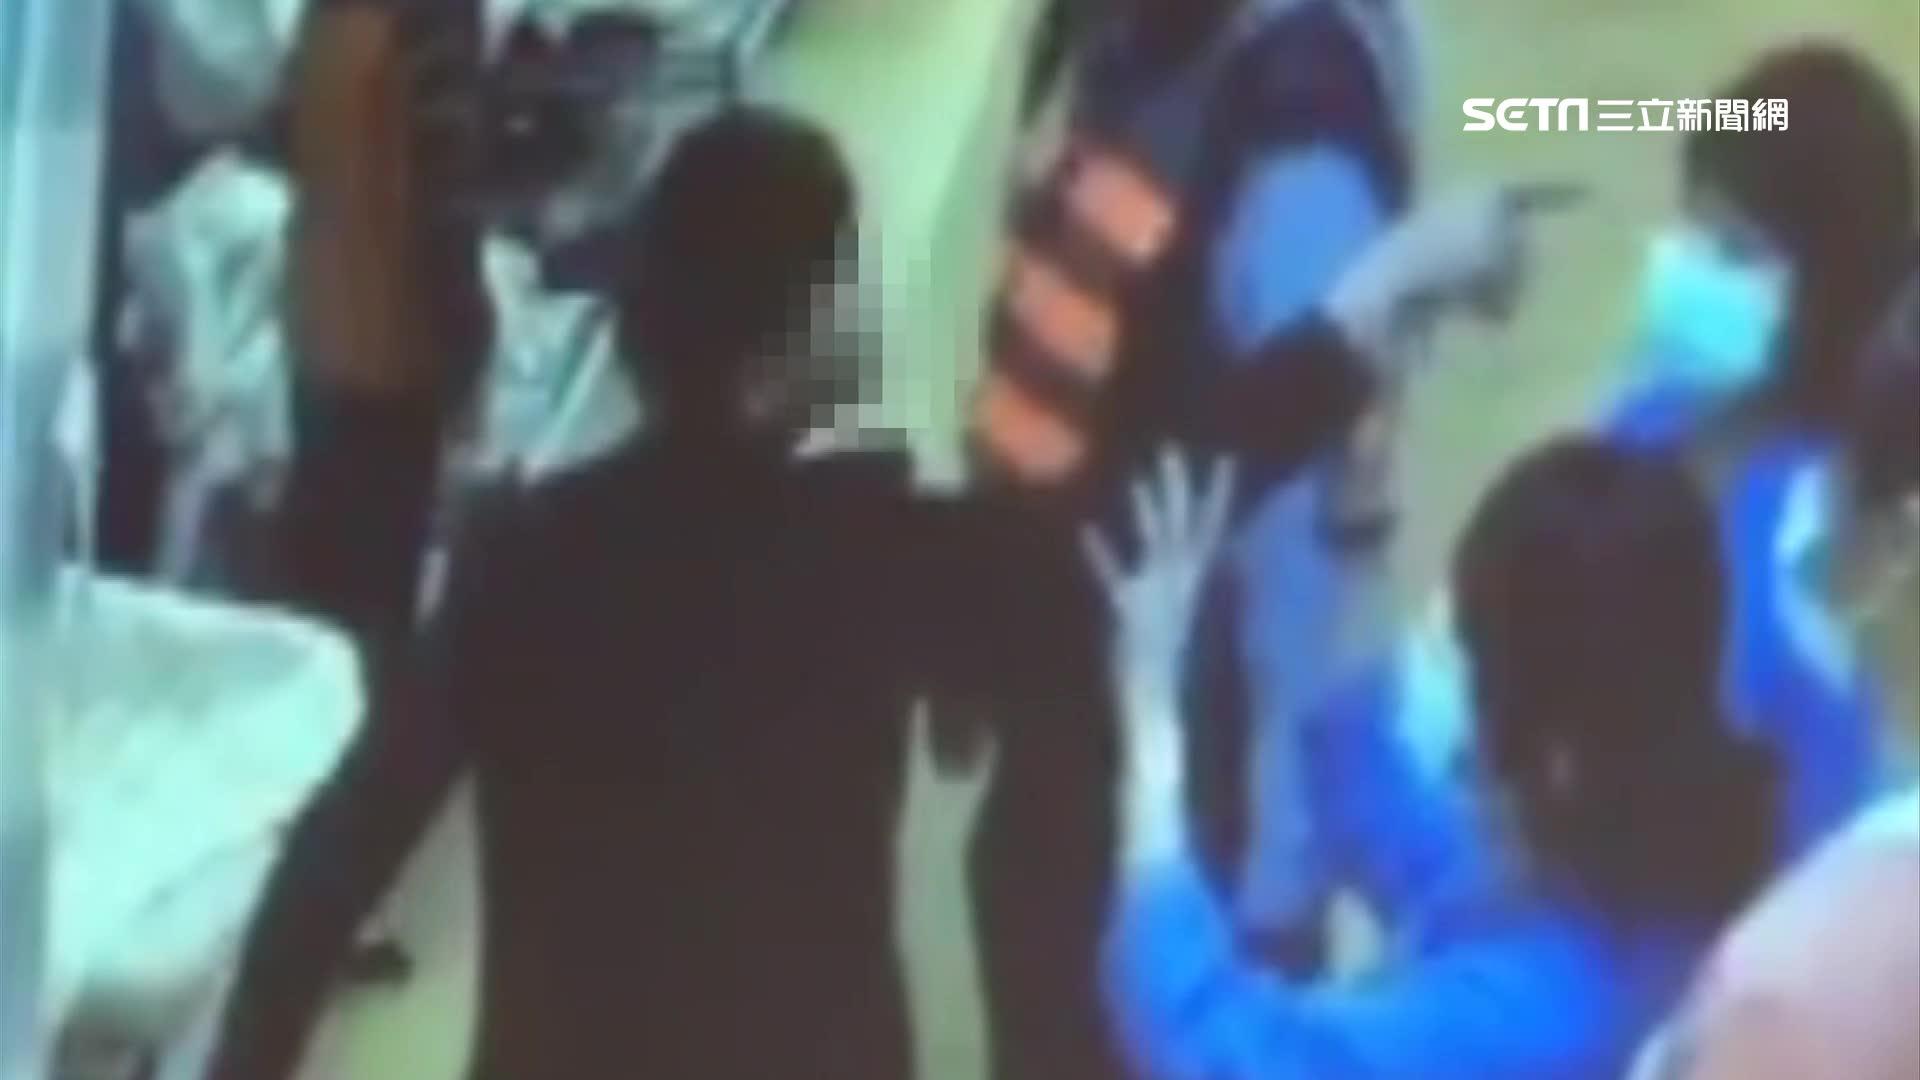 譴責醫療暴力!護理師遭醉漢勒脖怒罵